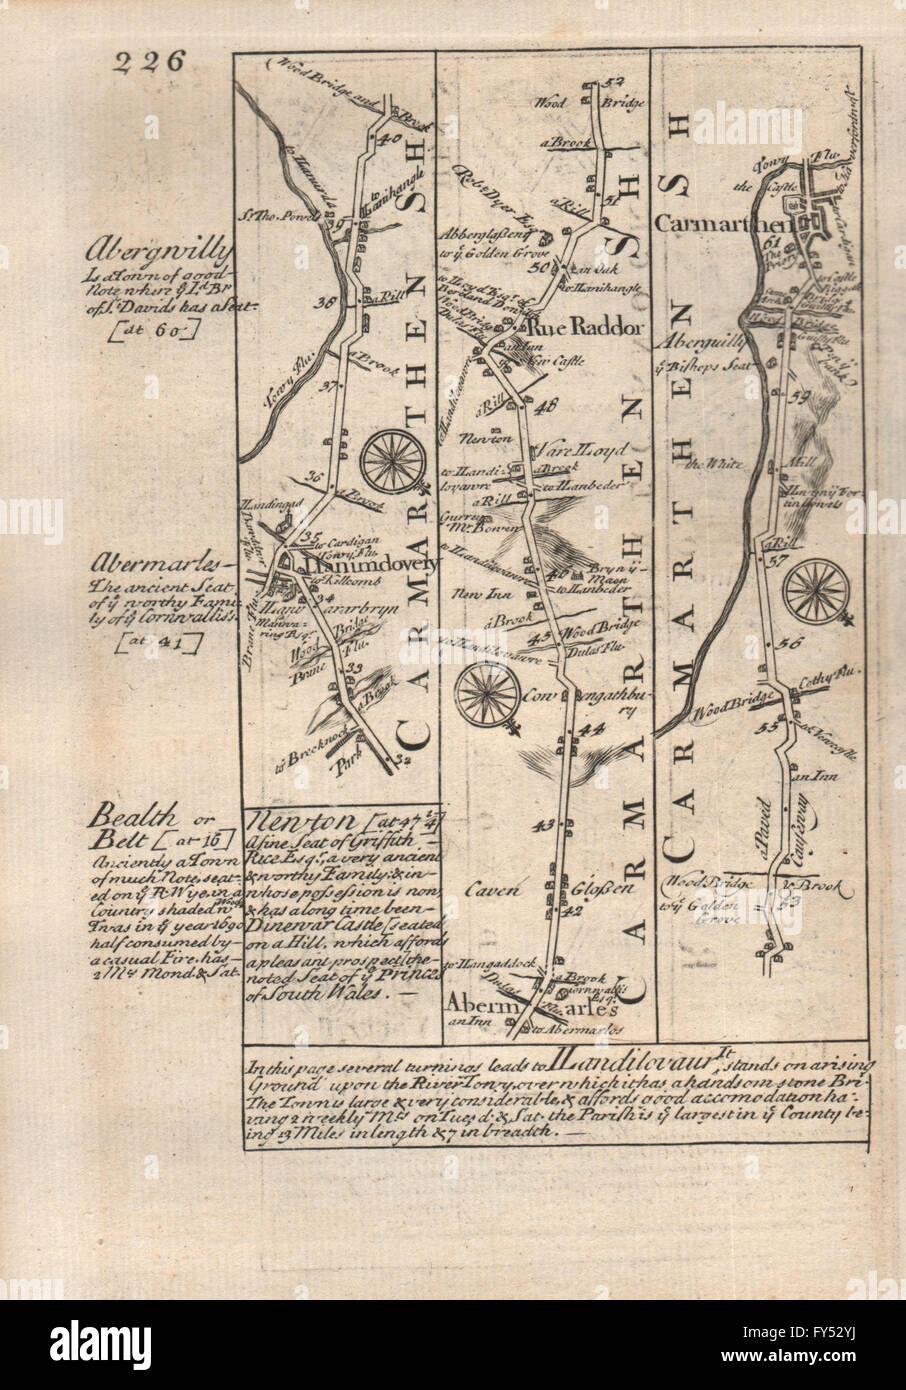 Art Maps, Atlases & Globes Royston-arrington-caxton-huntingdon-stilton Road Map By Owen & Bowen 1753